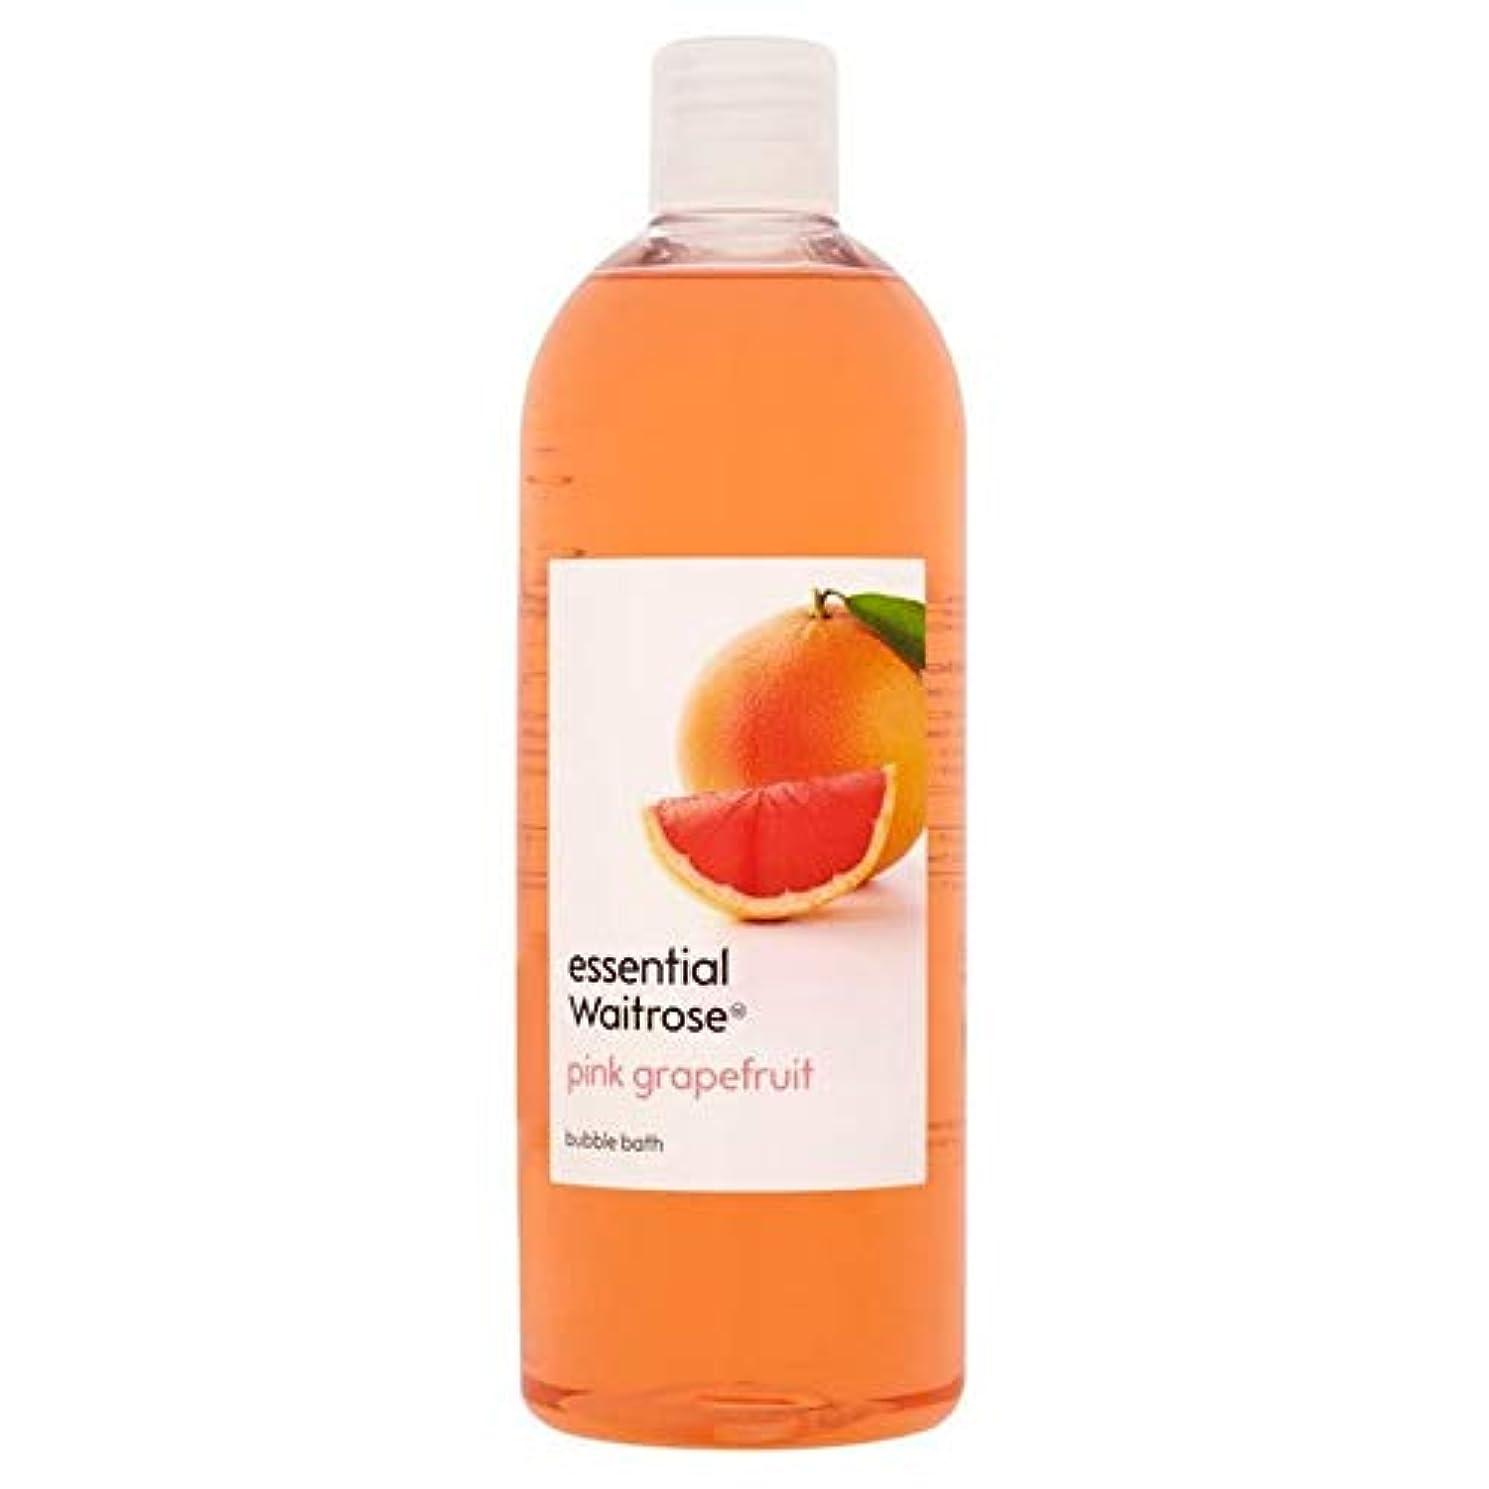 洗うスペイン語ふりをする[Waitrose ] 基本的なウェイトローズの泡風呂ピンクグレープフルーツ750ミリリットル - Essential Waitrose Bubble Bath Pink Grapefruit 750ml [並行輸入品]